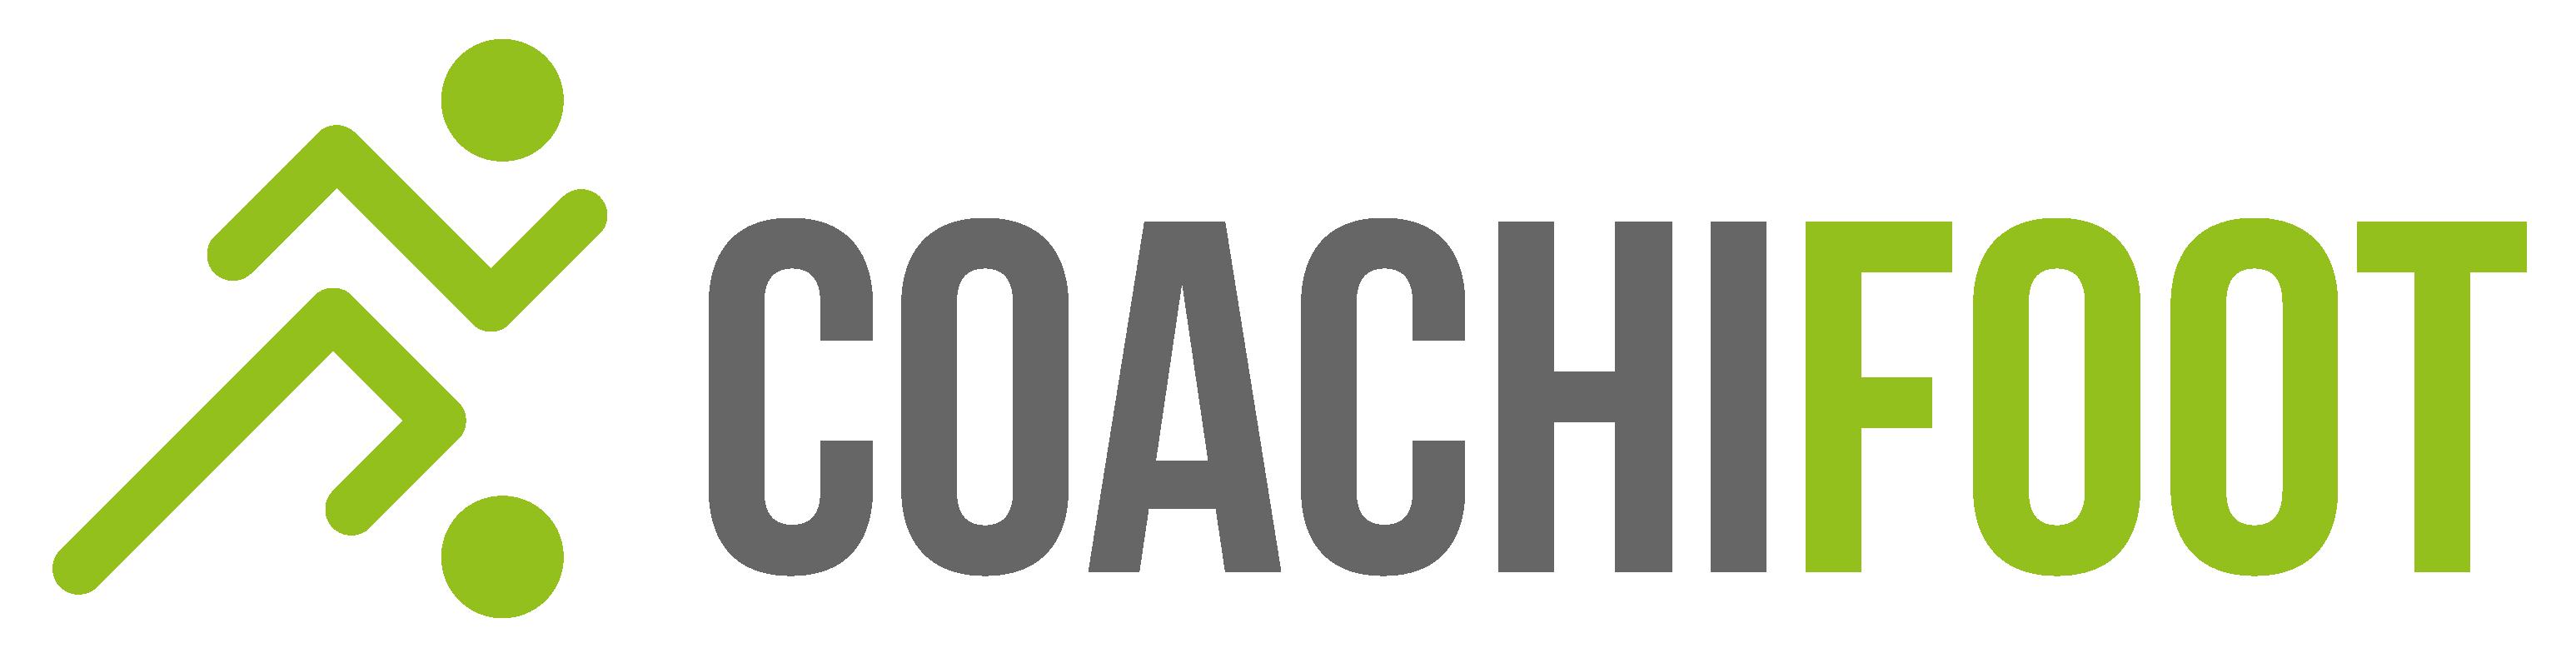 Coachifoot EN